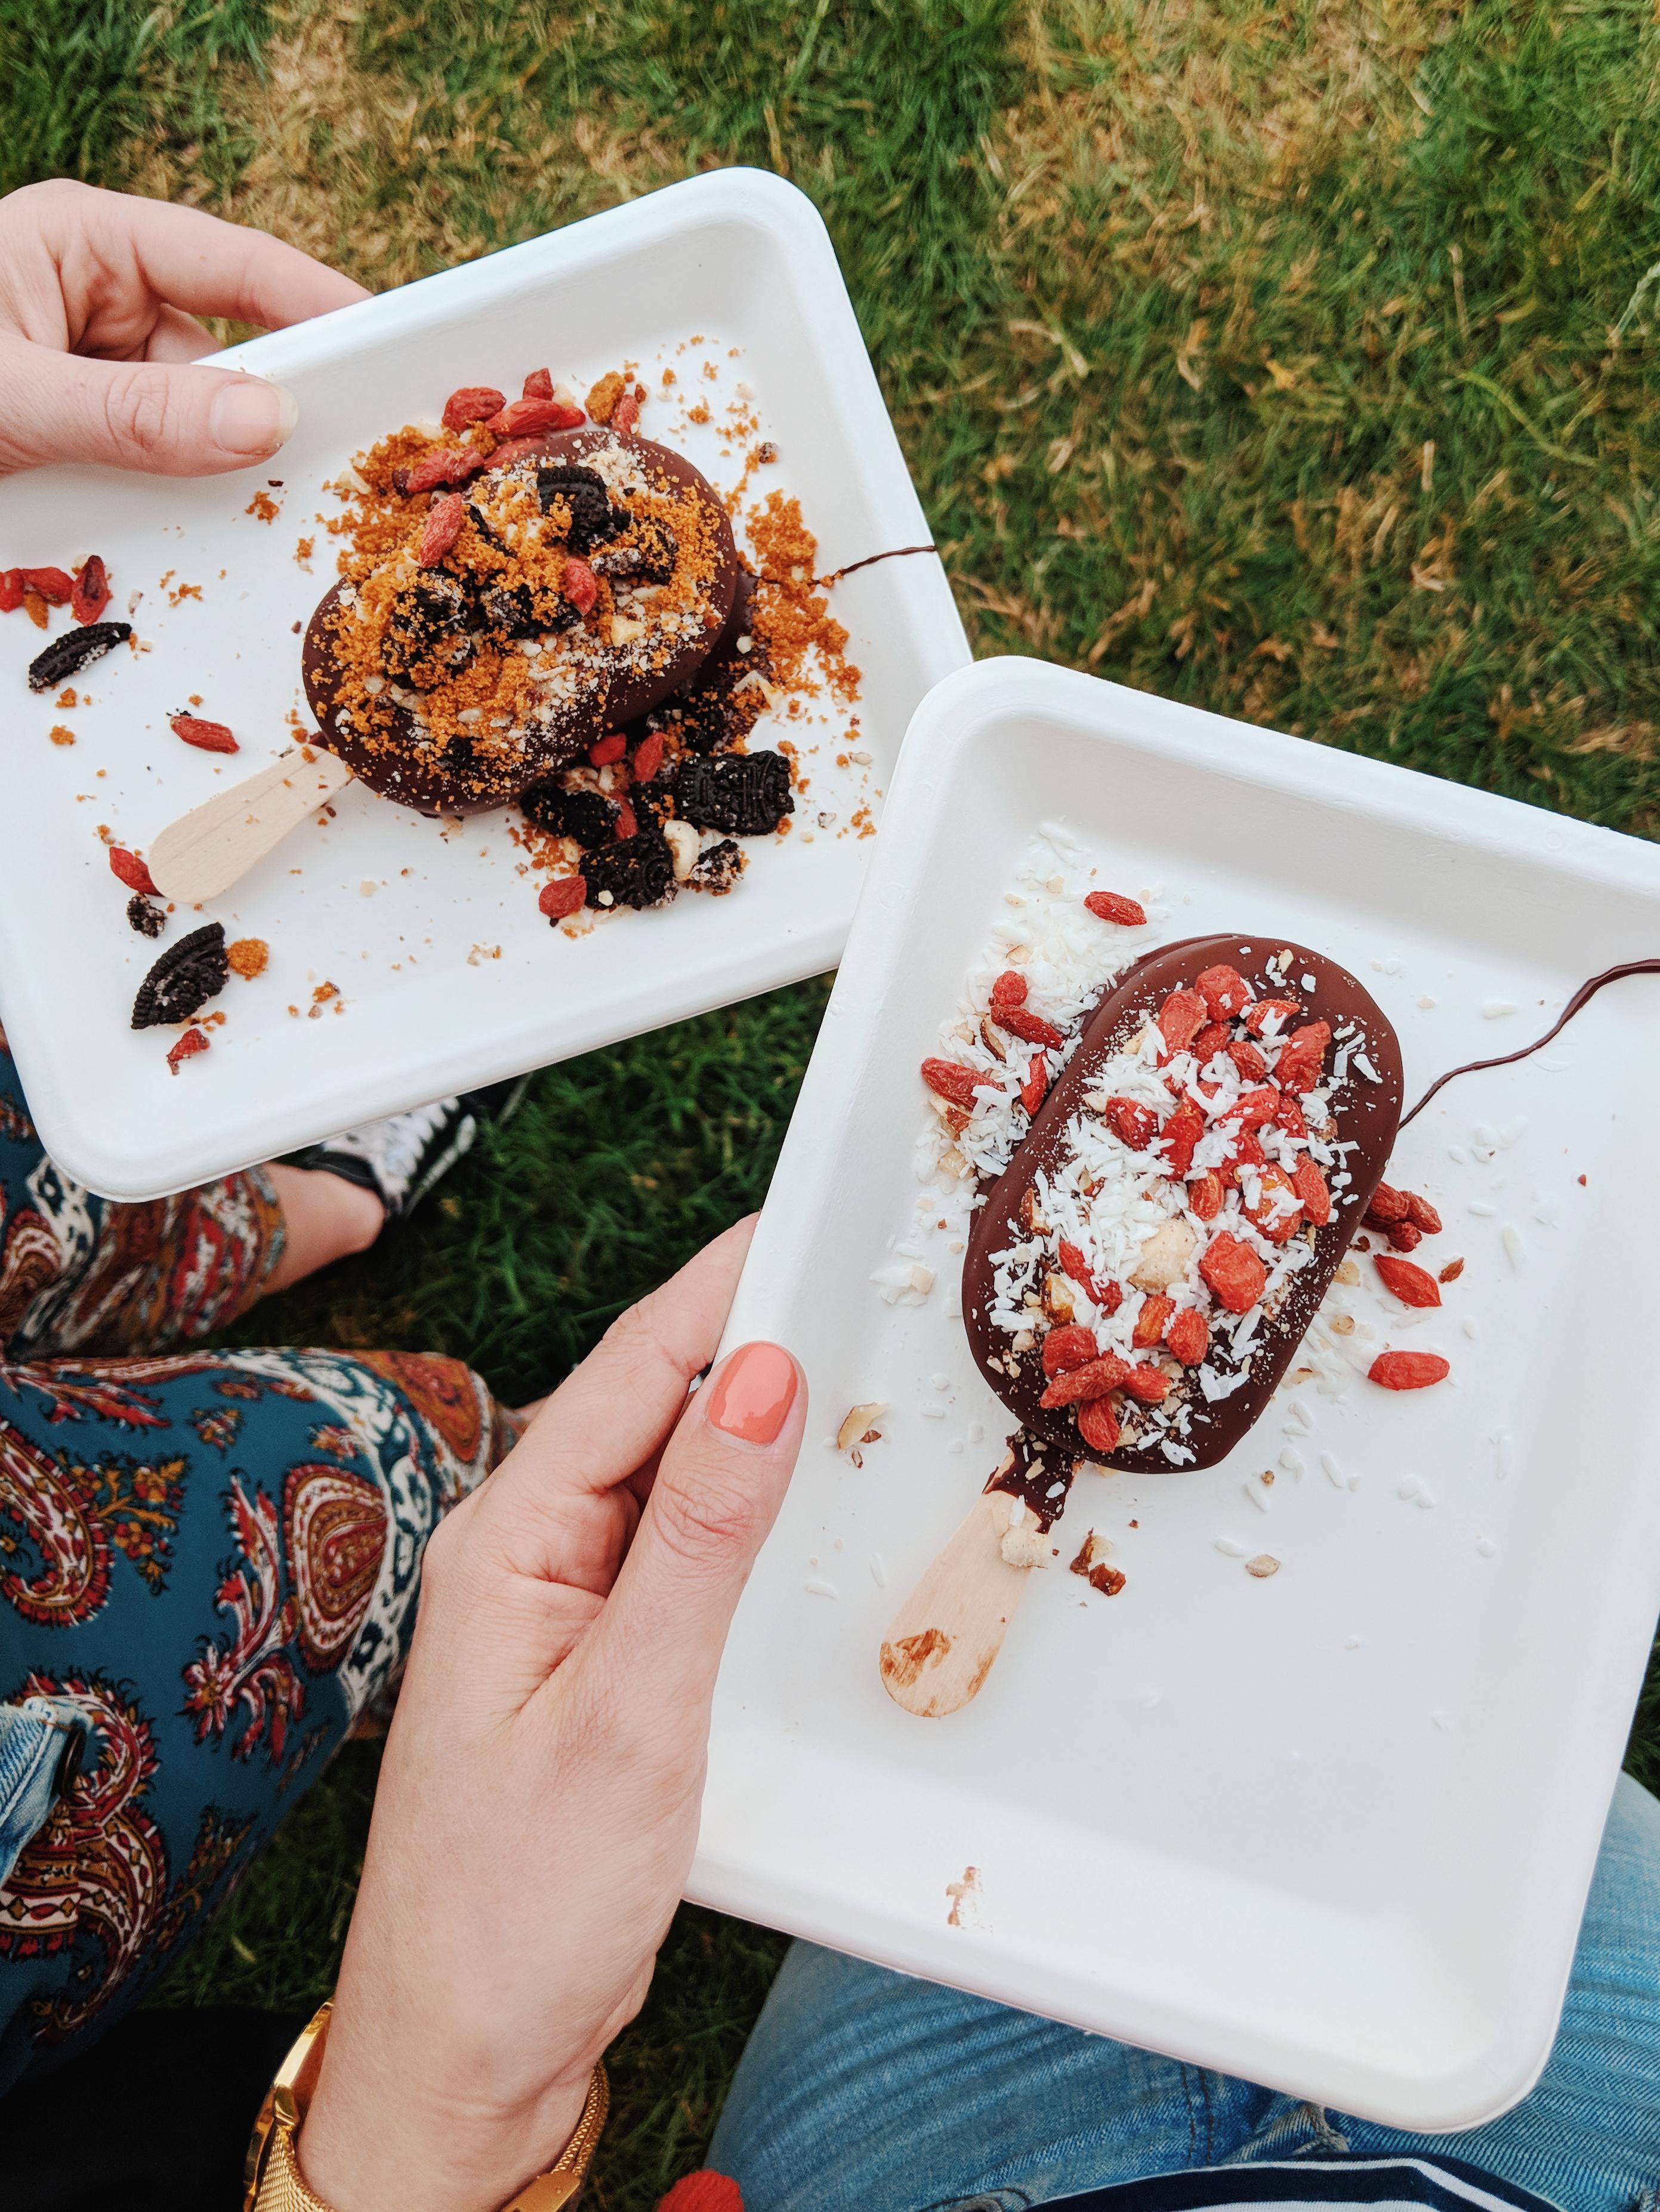 MiiRO vegan ice-cream